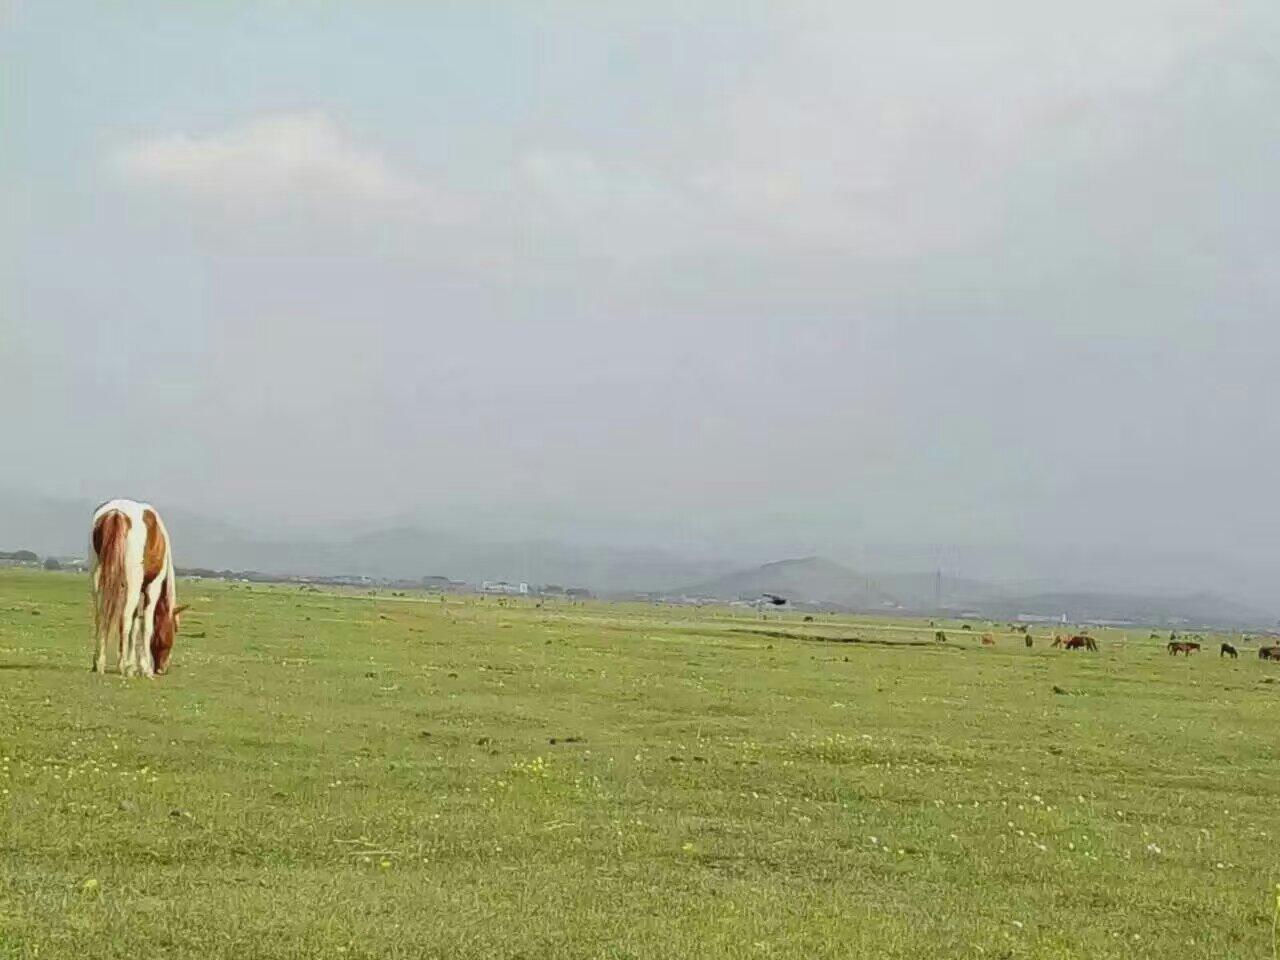 草原上刚刚出生几天的小马驹